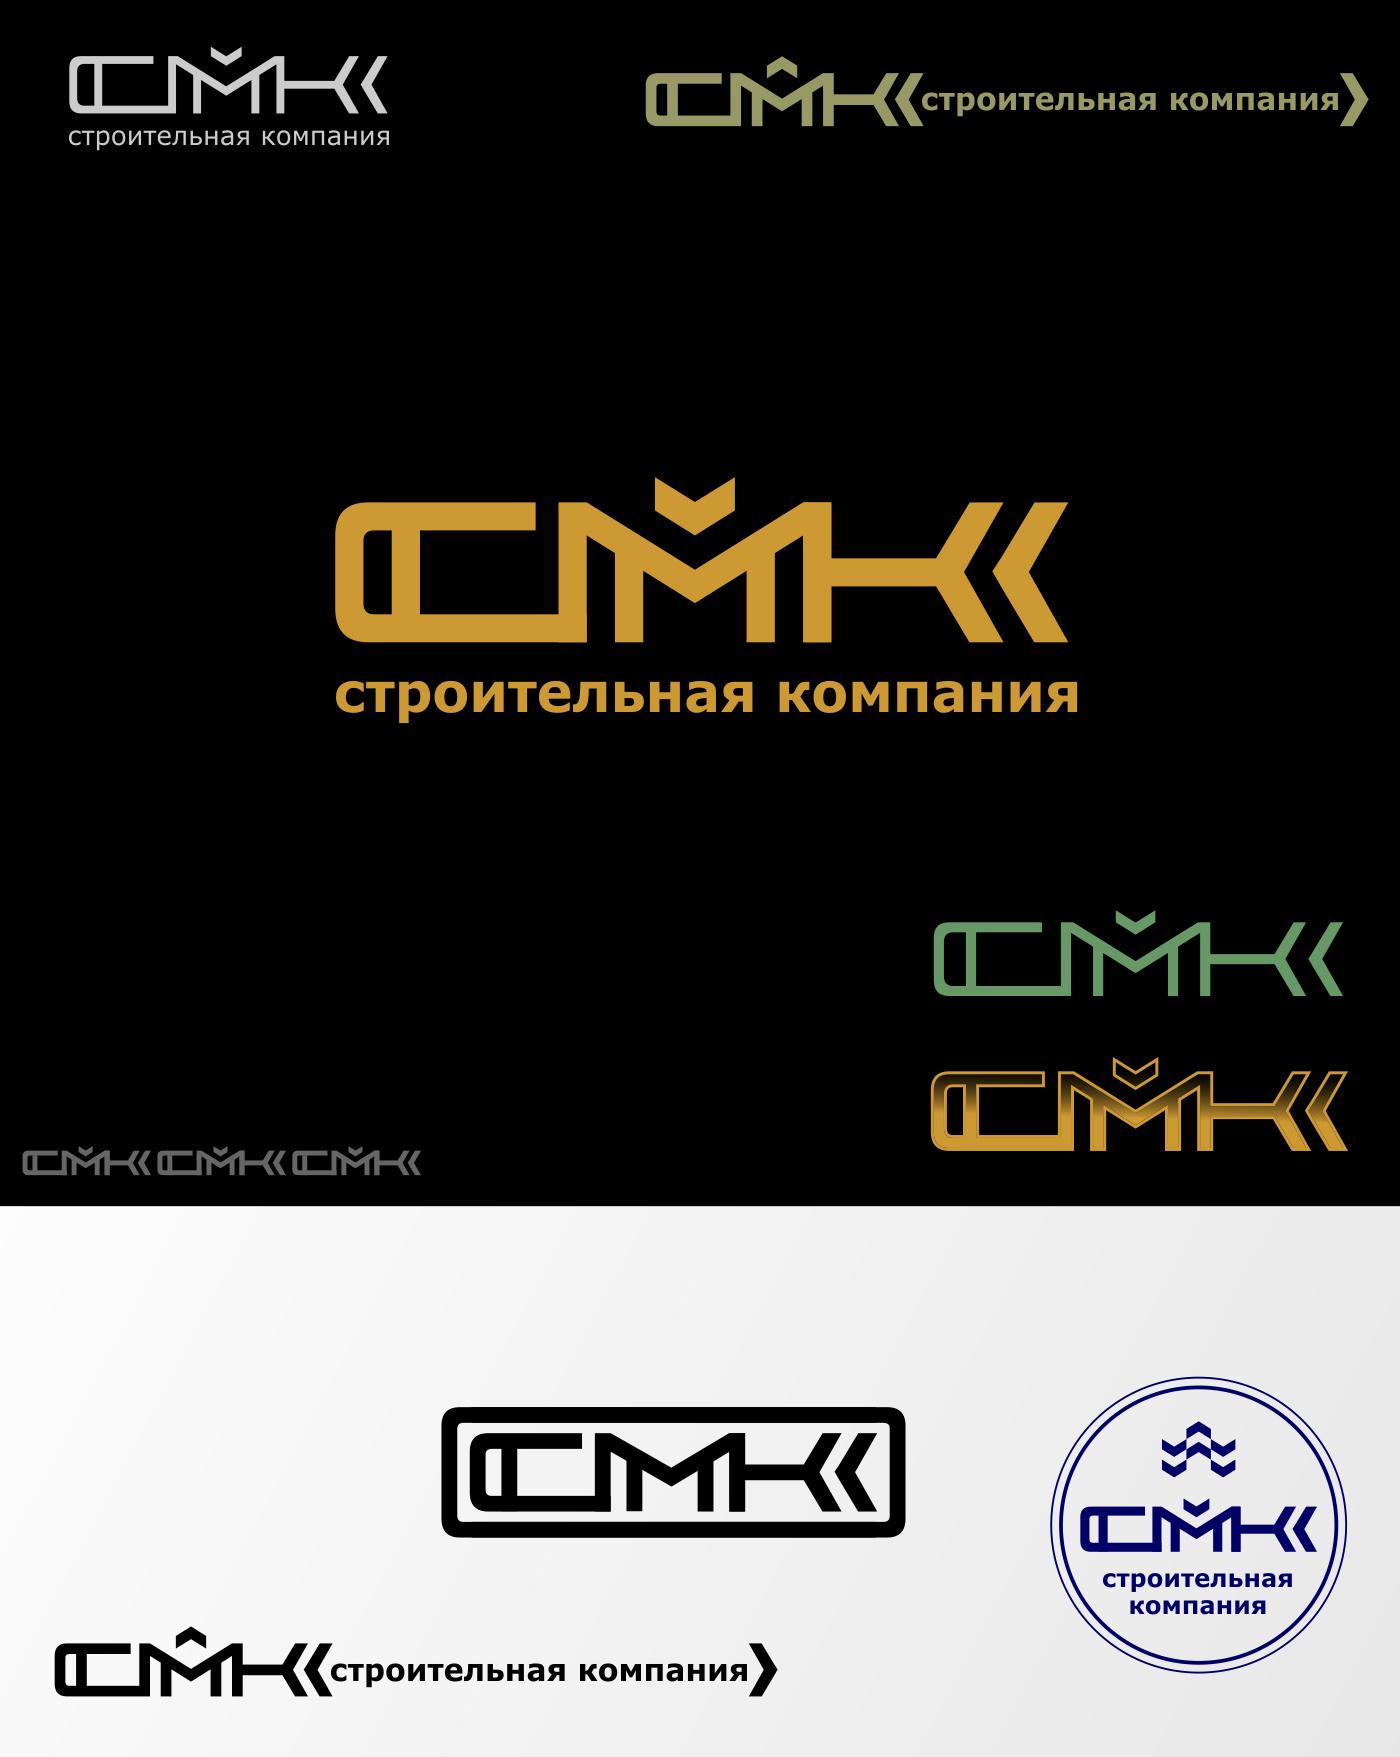 Разработка логотипа компании фото f_5765dc6edc96e527.png